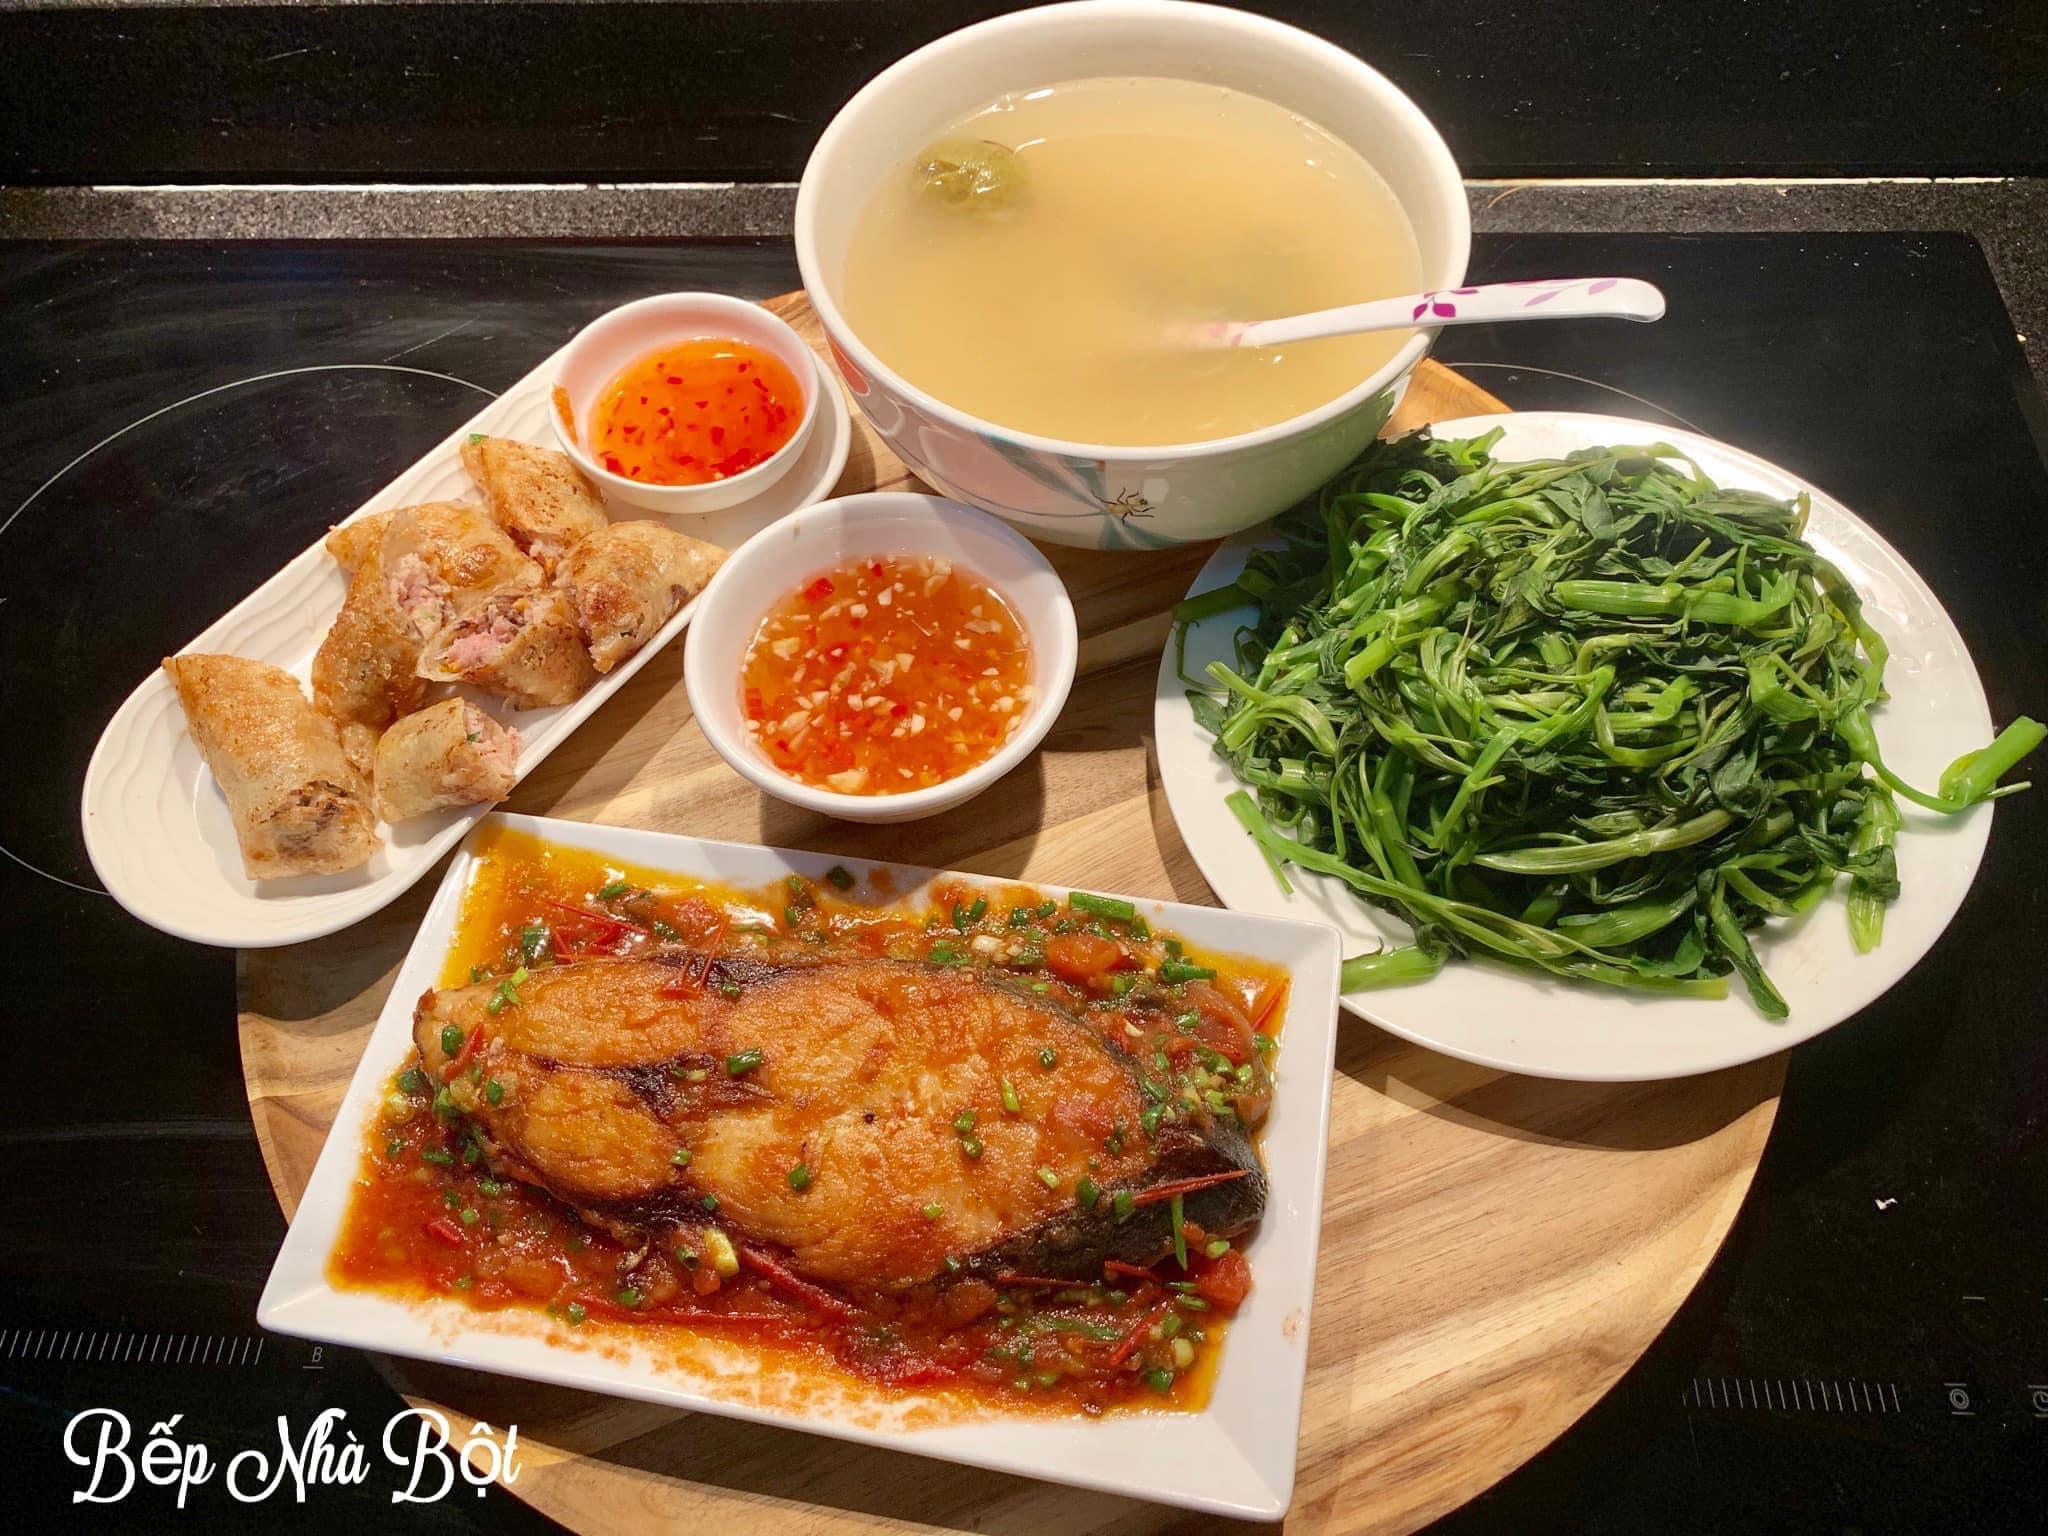 """Mâm cơm chỉ từ 120k của mẹ đơn thân Hà Nội khi coi """"Nấu ăn vì đam mê không phải là trách nhiệm"""" khiến ai nhìn cũng phải xuýt xoa - Ảnh 9."""